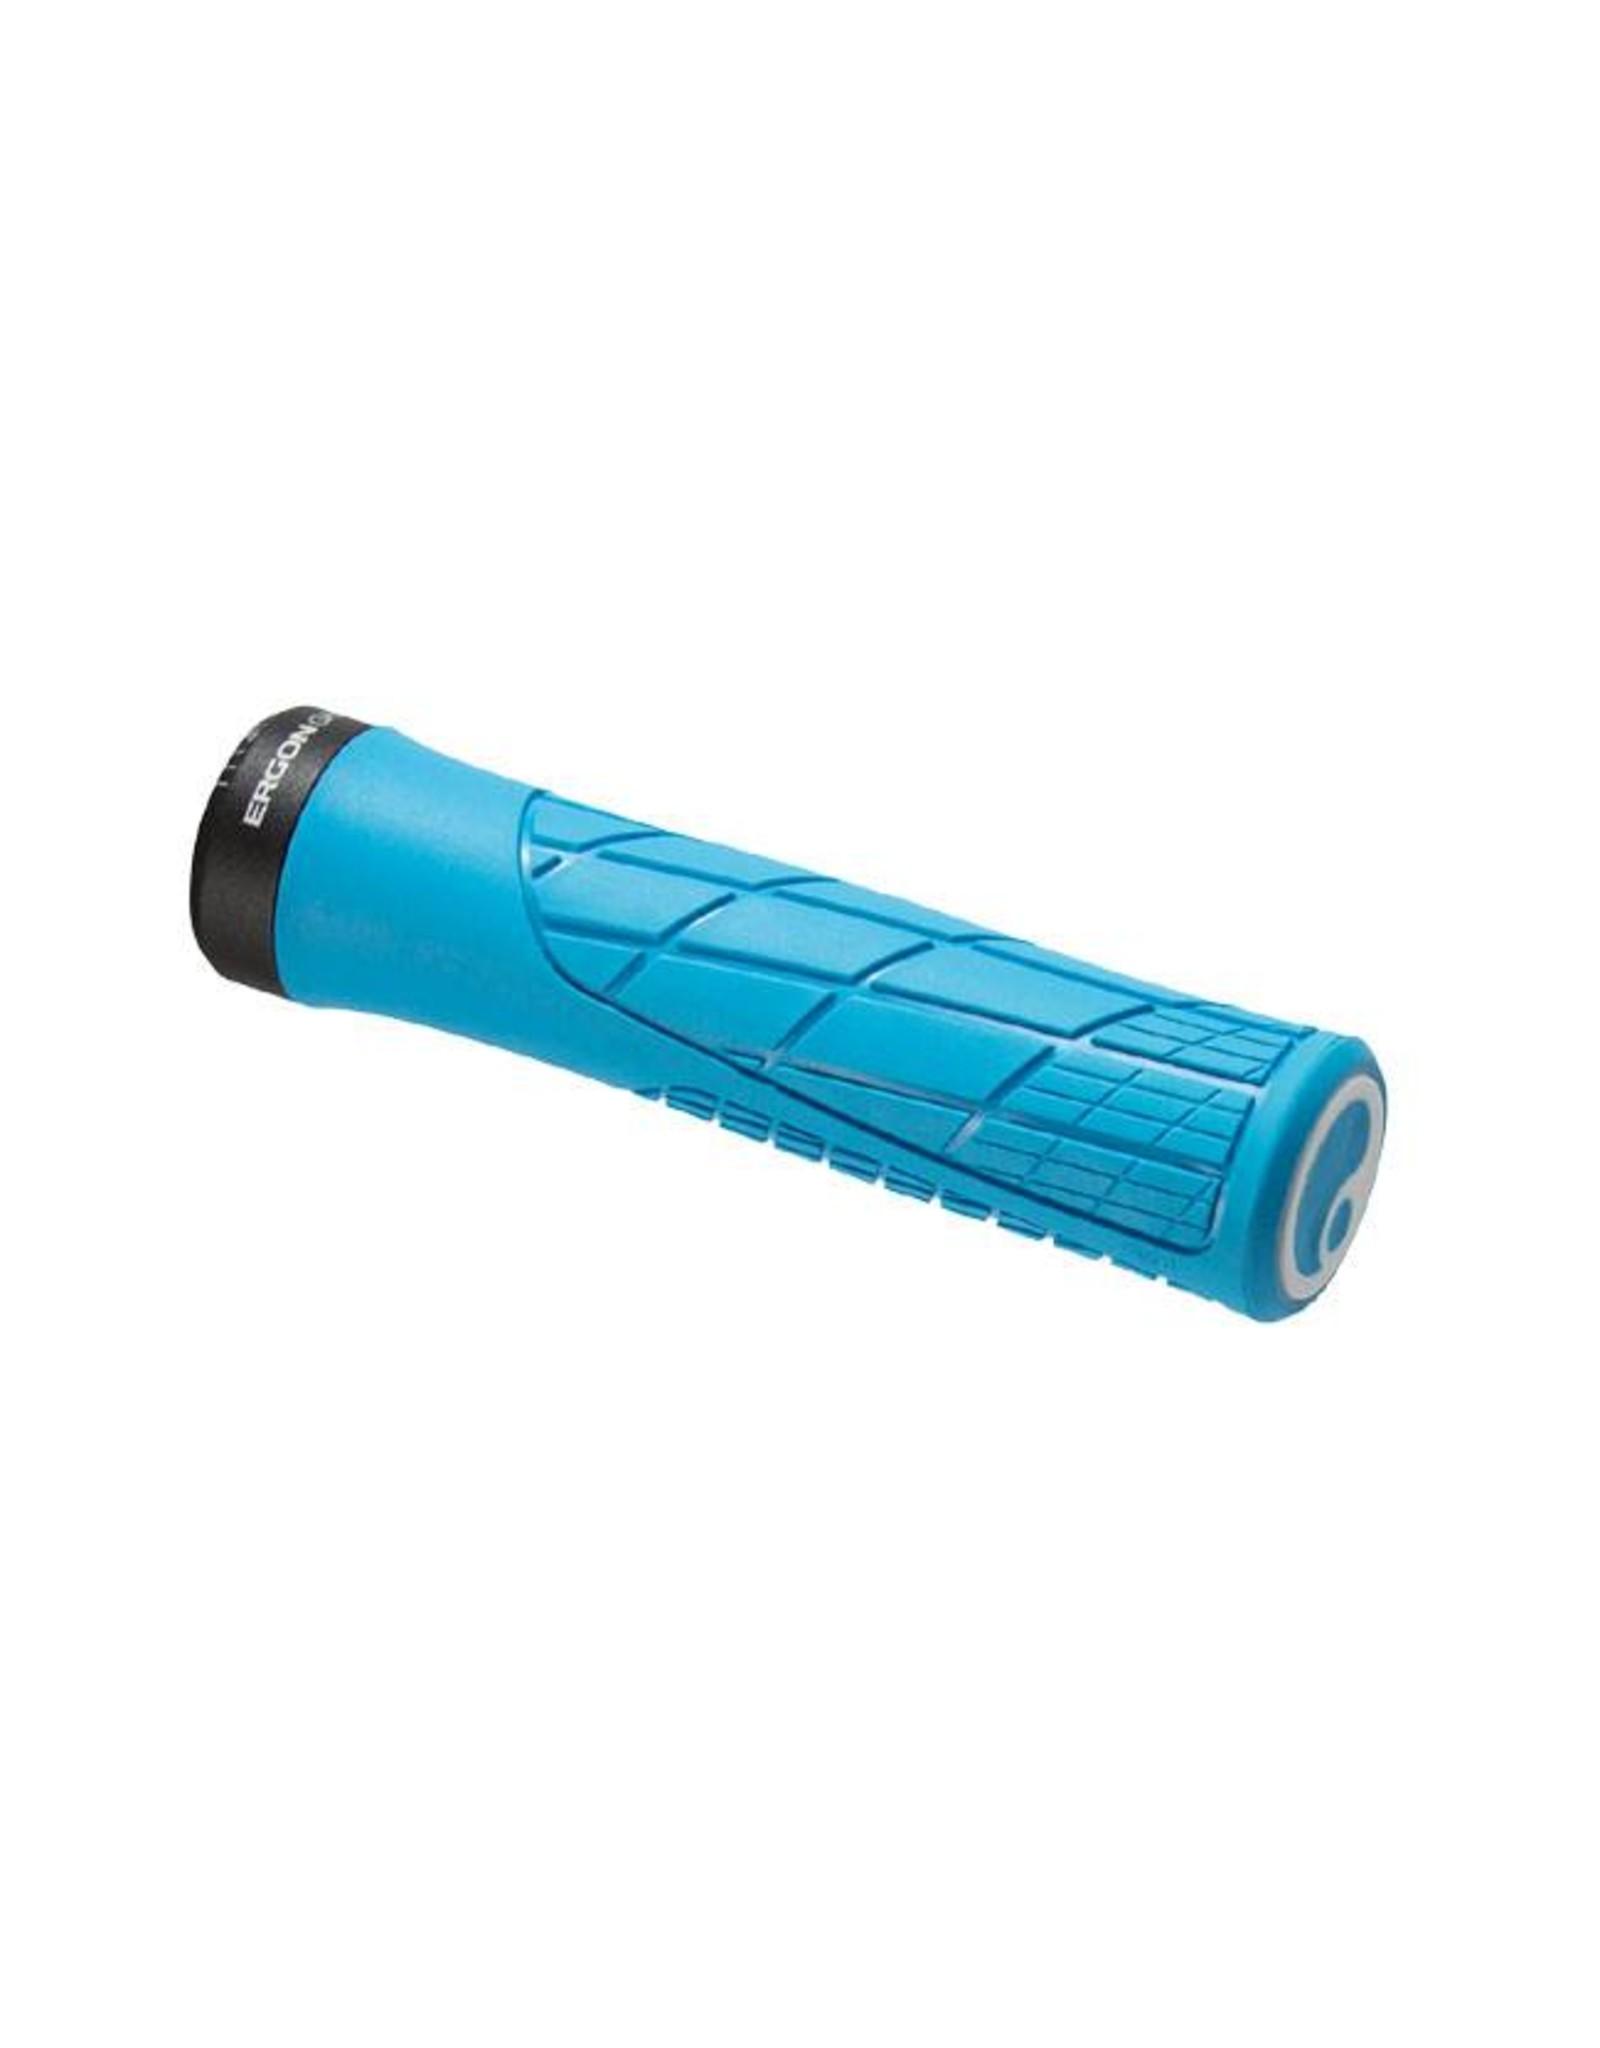 Ergon Ergon GA2 Grip: Blue